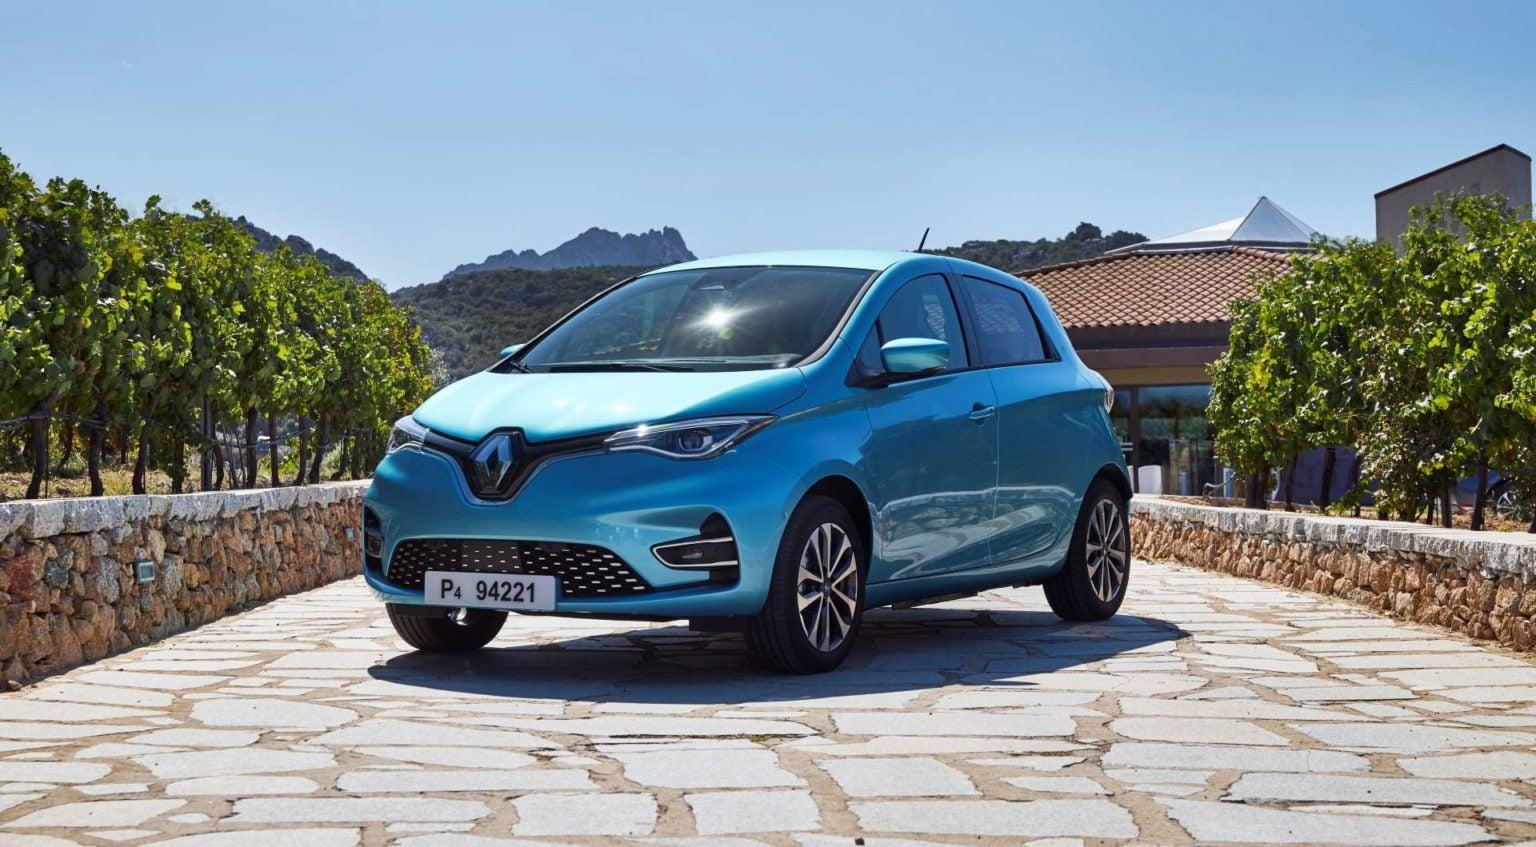 ¡Francia alcanza el 11% de participación en ventas de vehículos eléctricos!